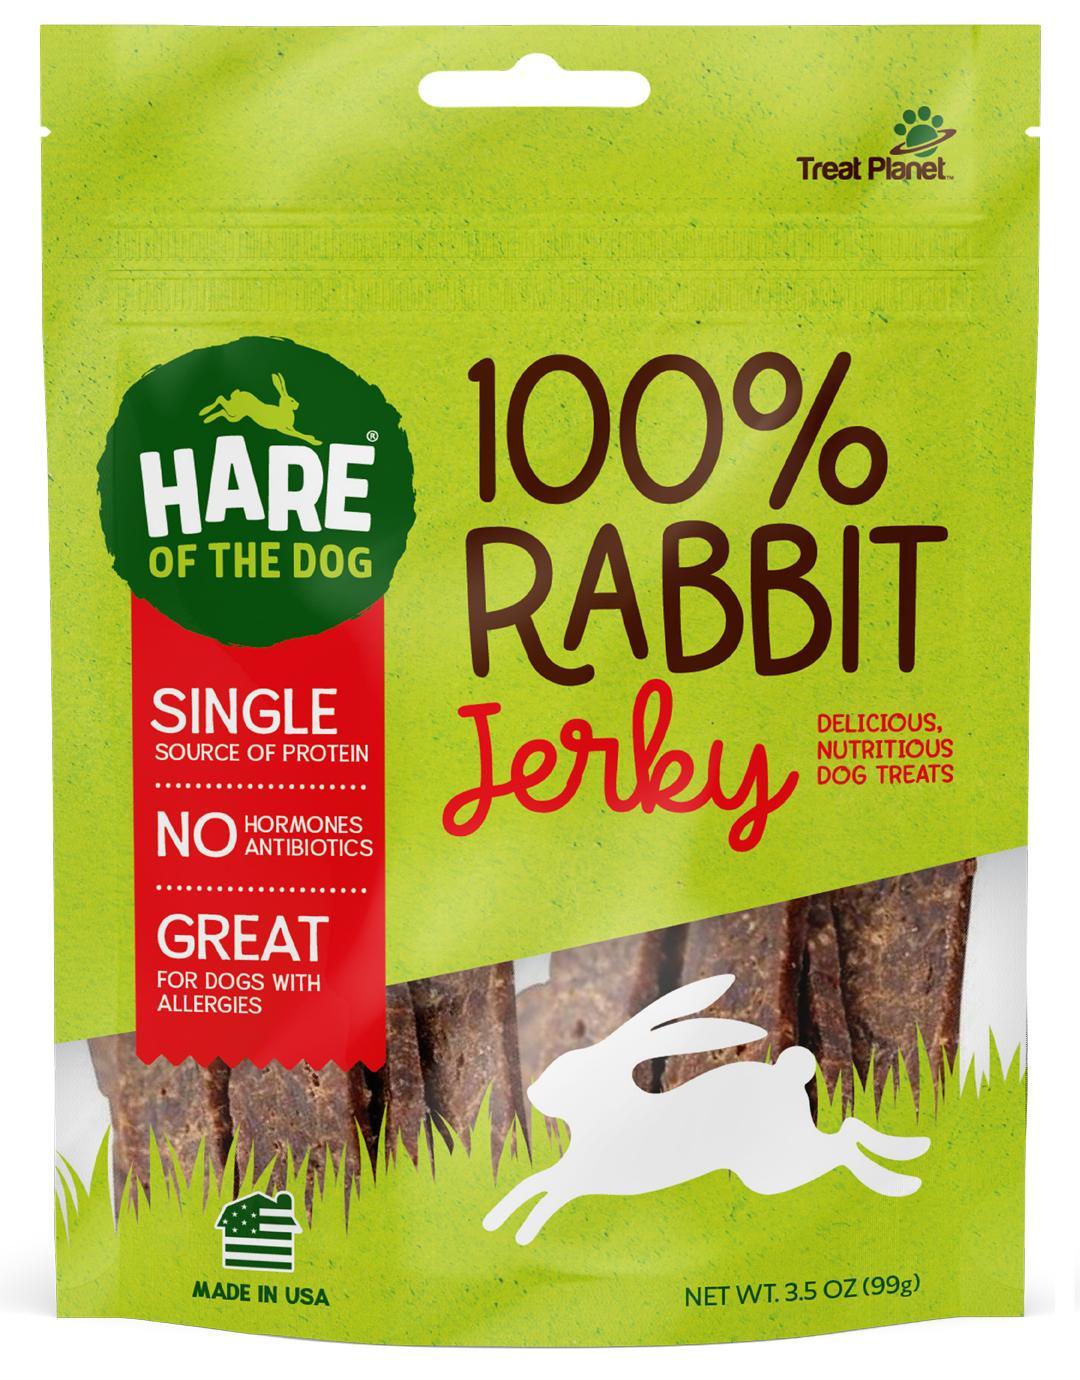 Hare of the Dog 100% Rabbit Jerky Dog Treats, 3.5-oz